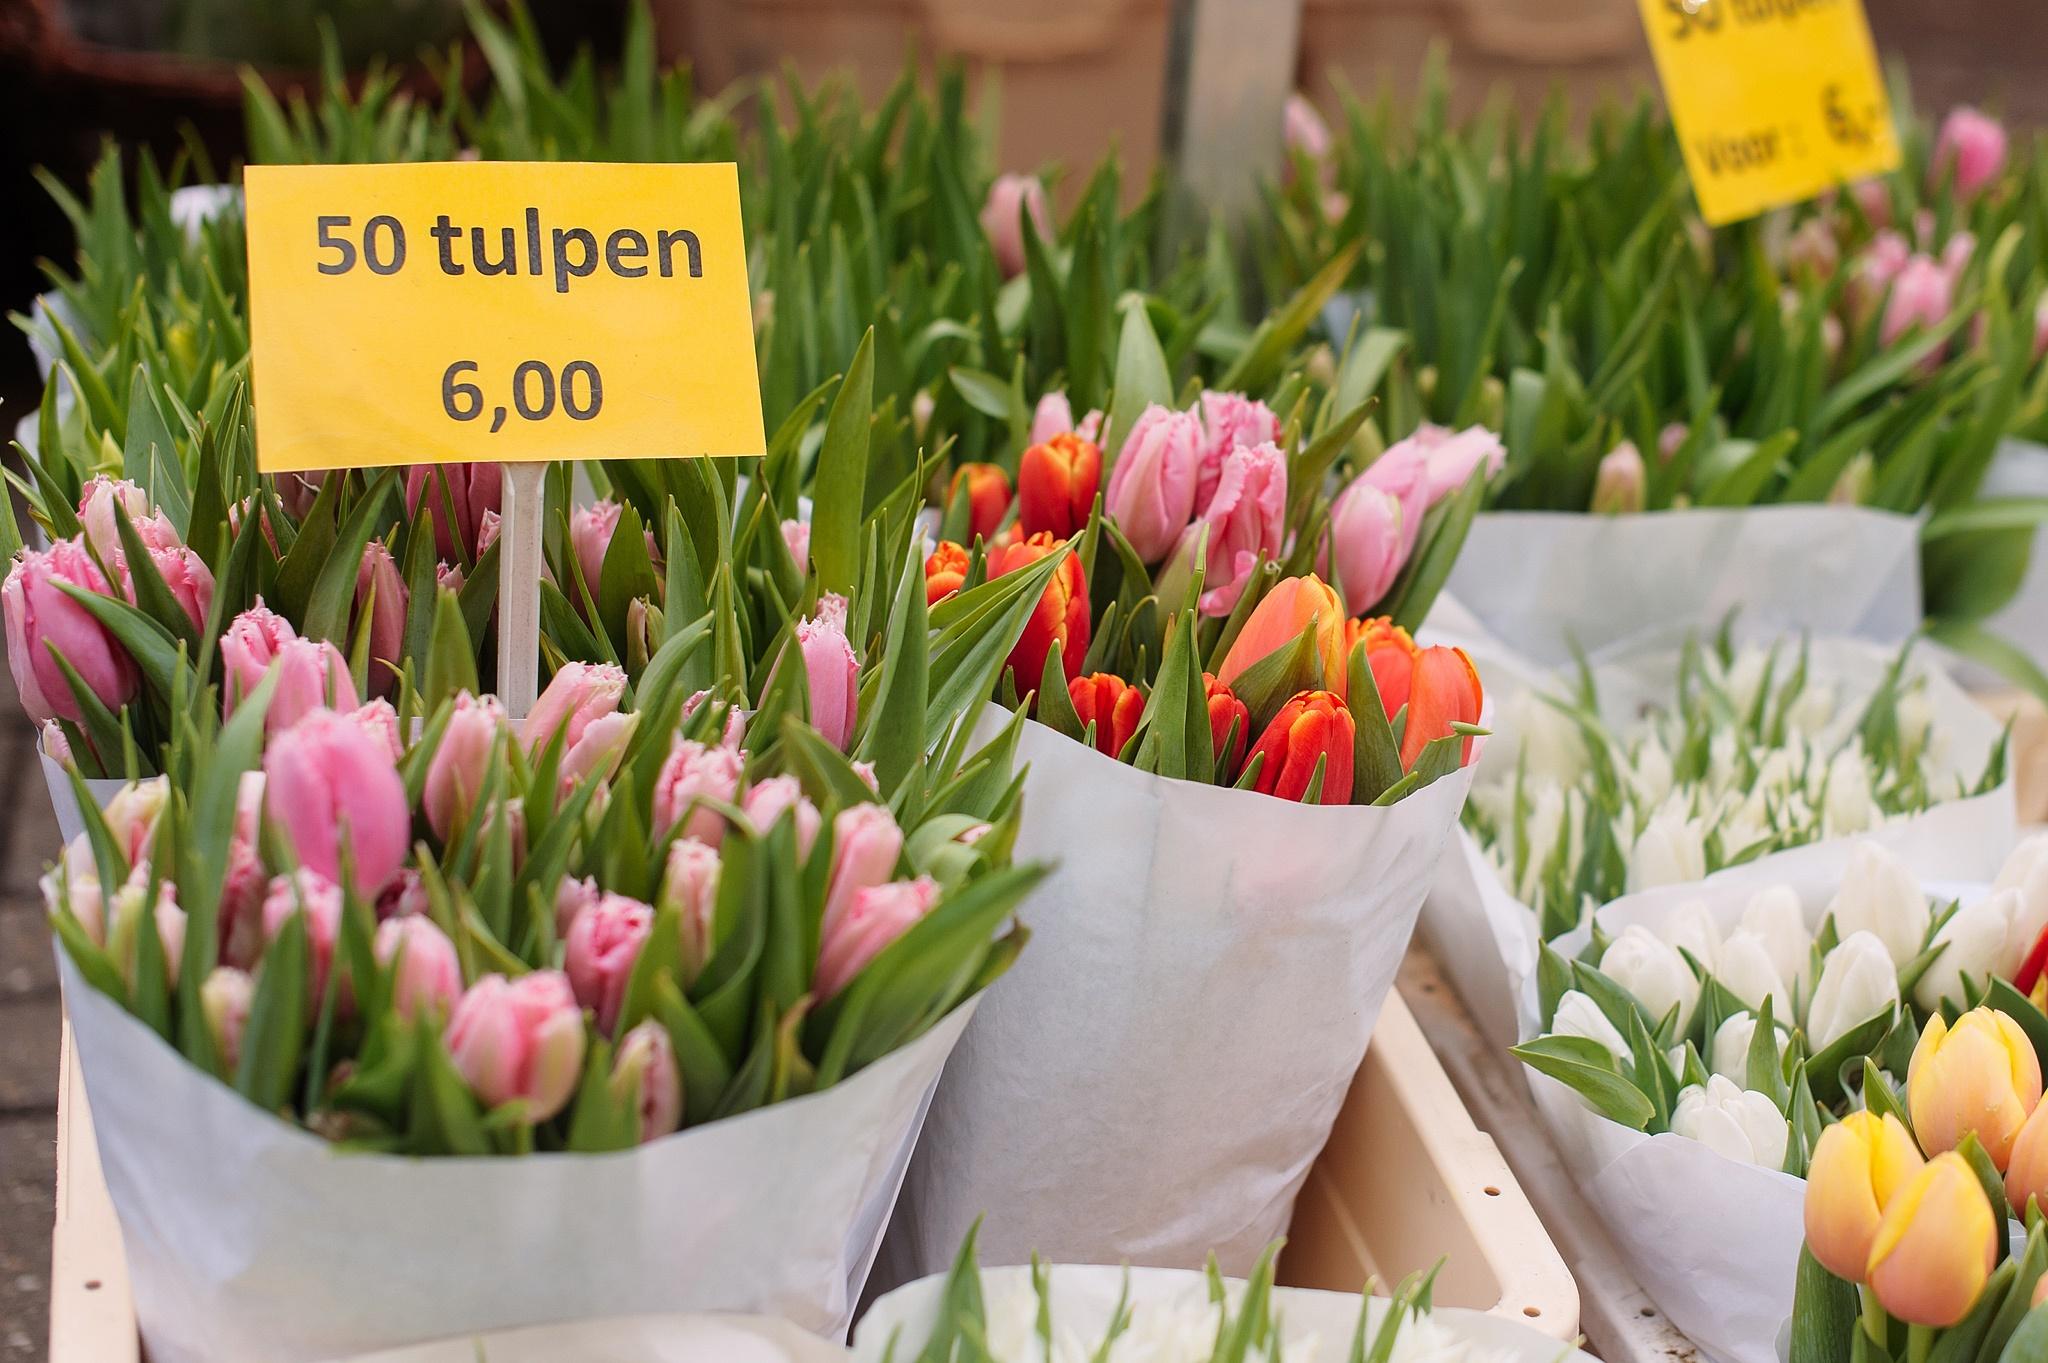 Flowermarket (Bloemenmarkt) Amsterdam, Things to do in Amsterdam, photo: Kristina Kutena